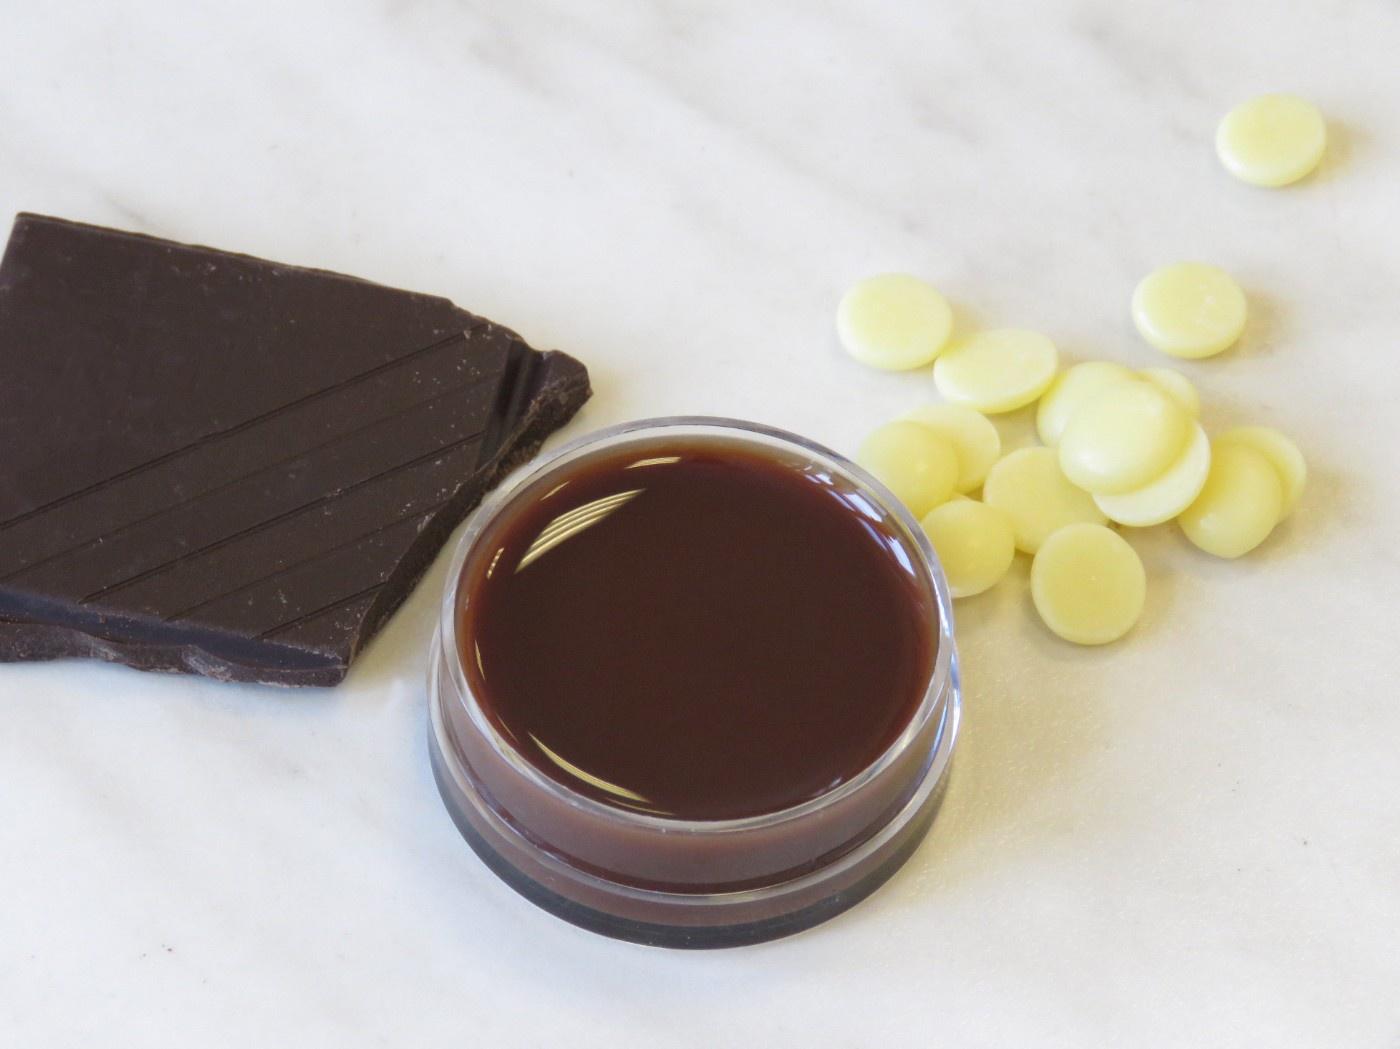 Schokolade, Kakaobutterdrops, Lippenbalsam